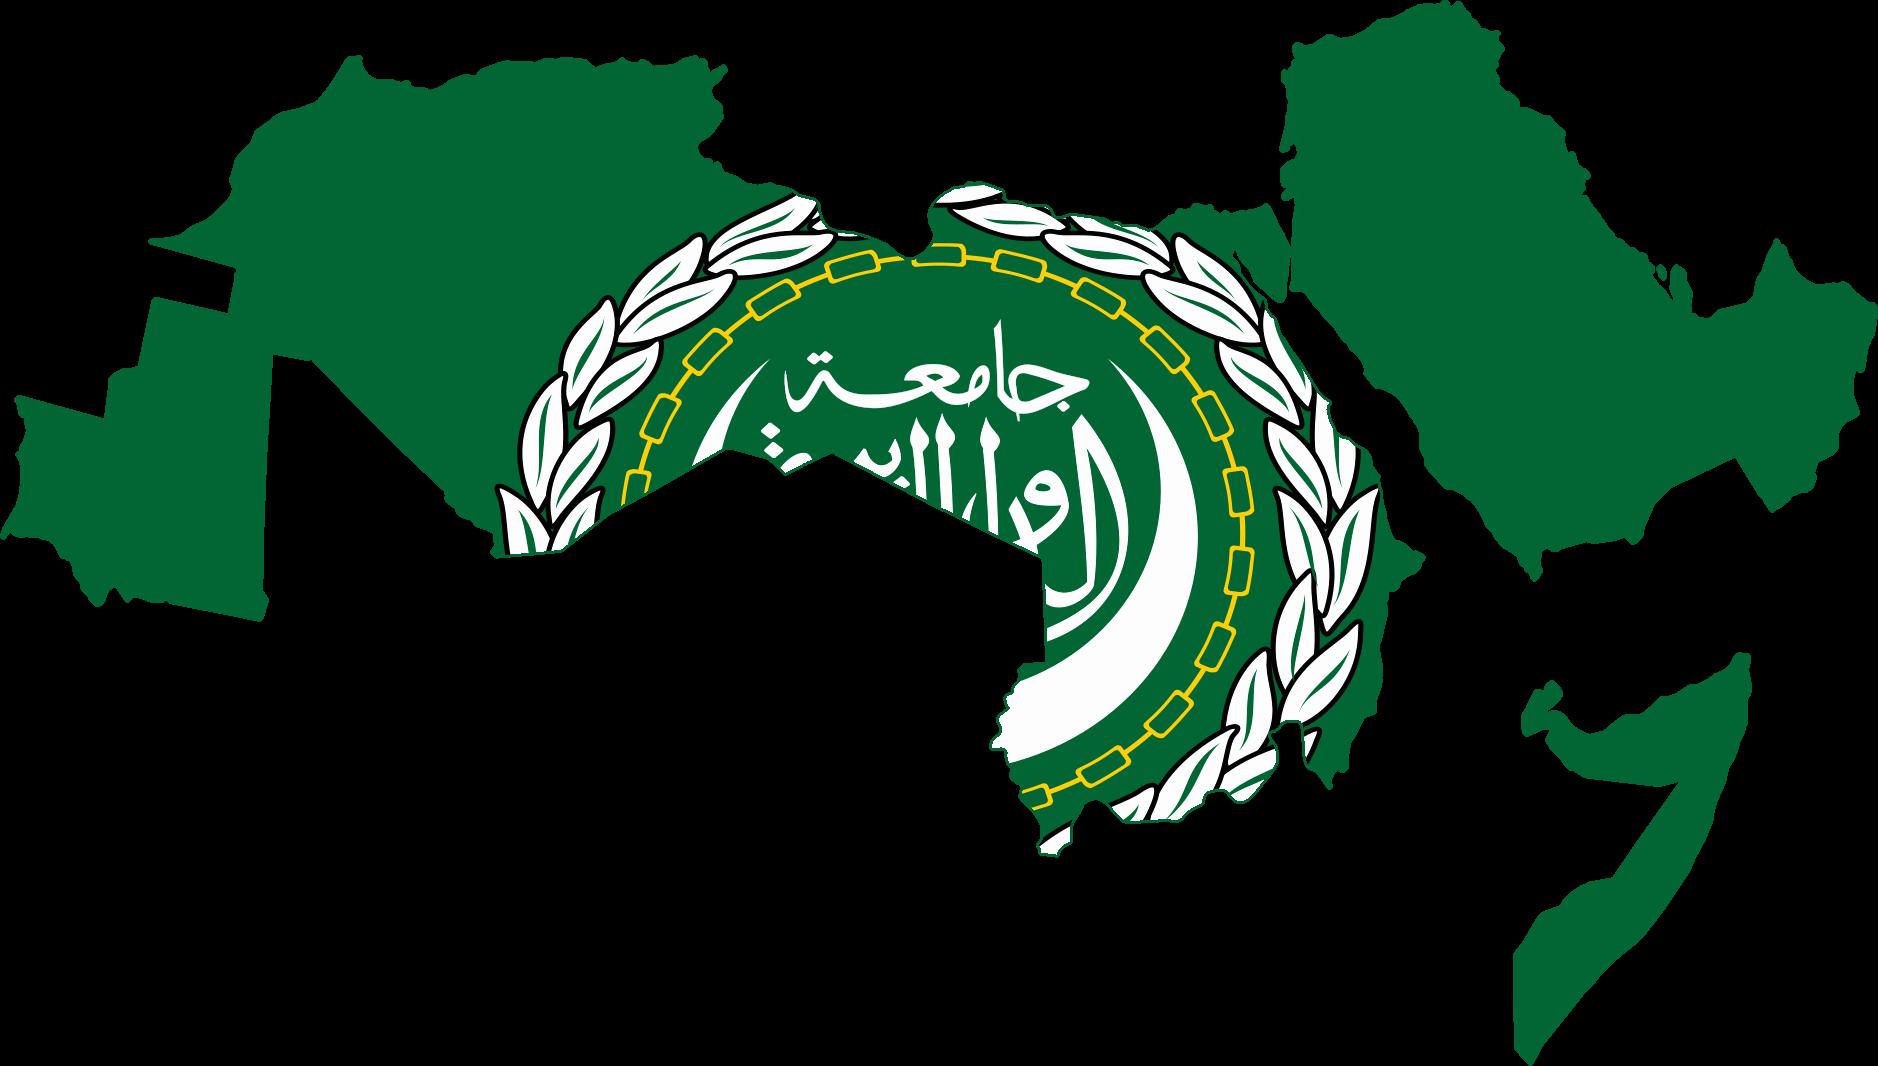 Lega Araba mondo arabo